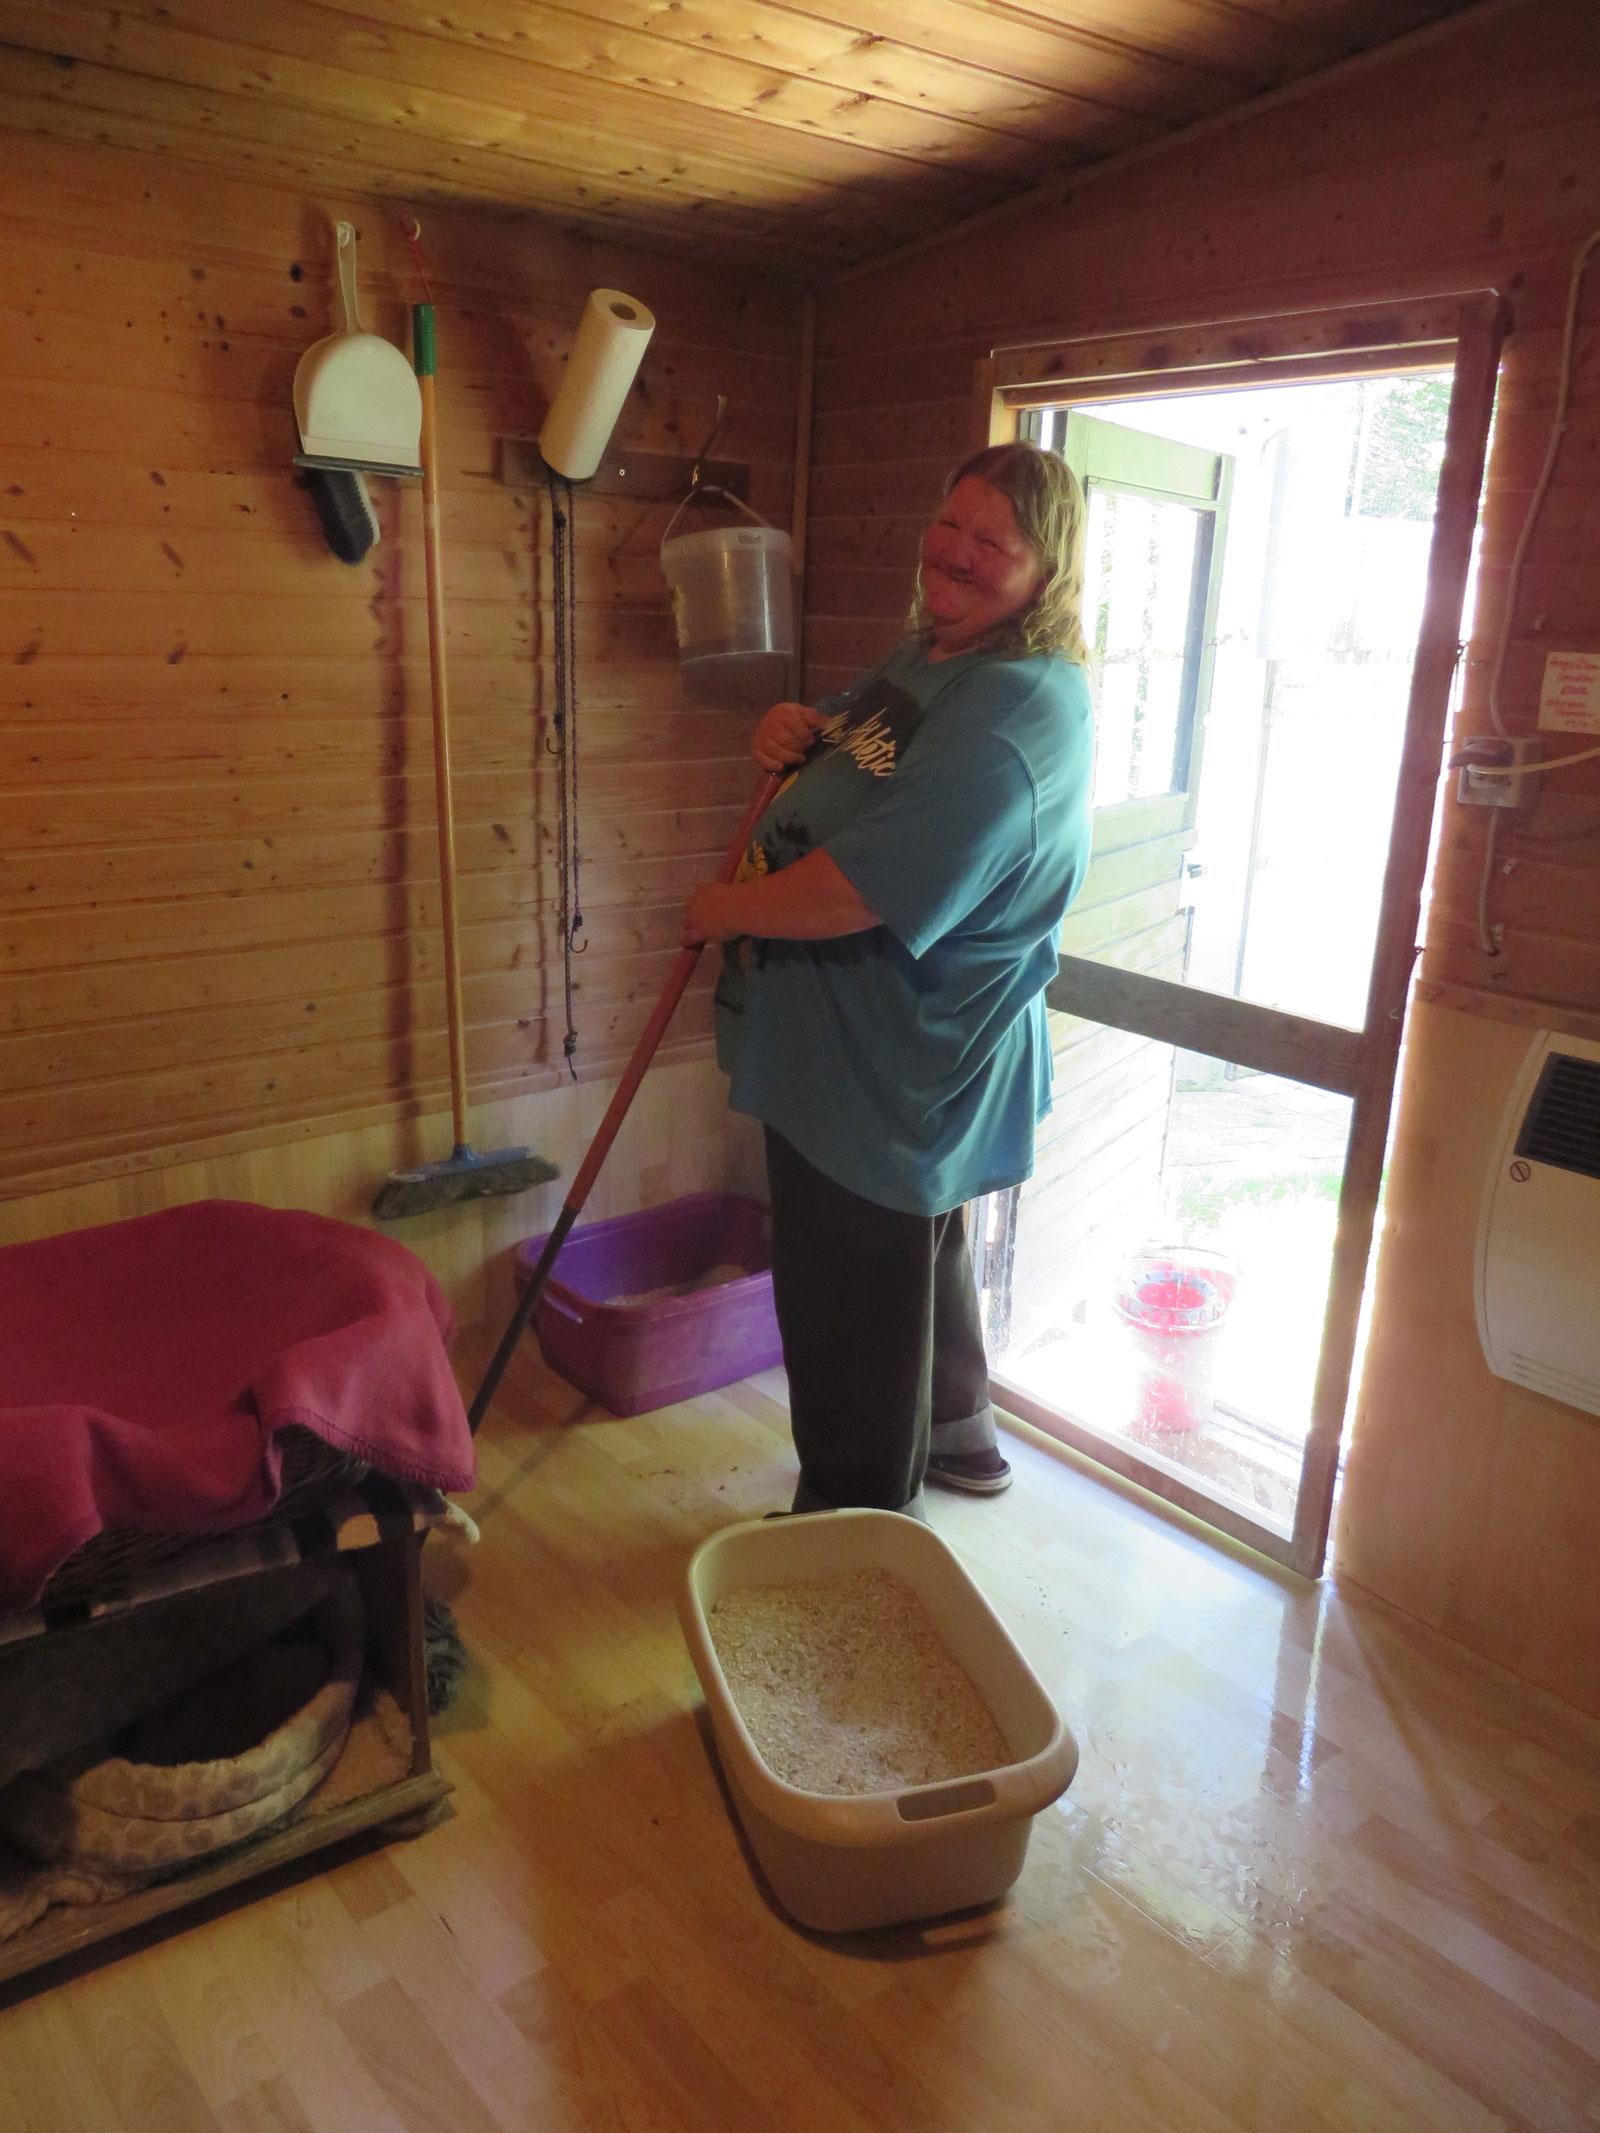 Iris beim Reinigen der Katzenzimmer und des Außenbereichs, beim Futtervorräteauffüllen, bei Schmuse- und Streicheleinheiten für die großen Katzen und beim Spielen und Schmusen mit dem Katzennachwuchs